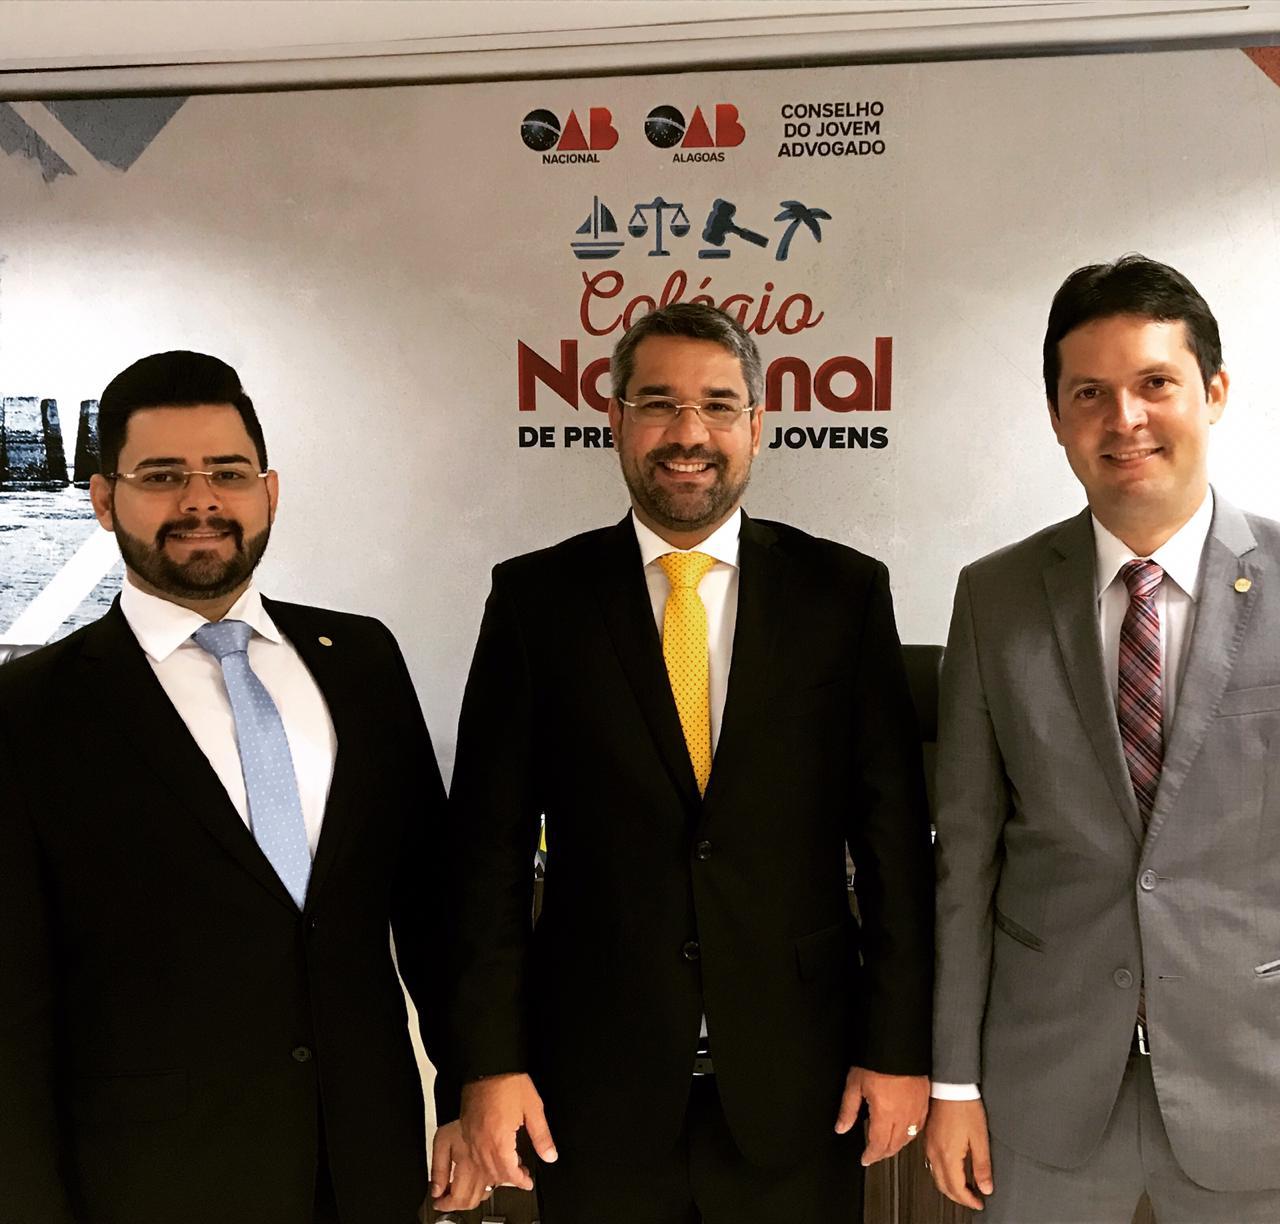 Presidentes da Jovem Advocacia participam do Colégio Nacional de Presidentes Jovens em Maceió/AL